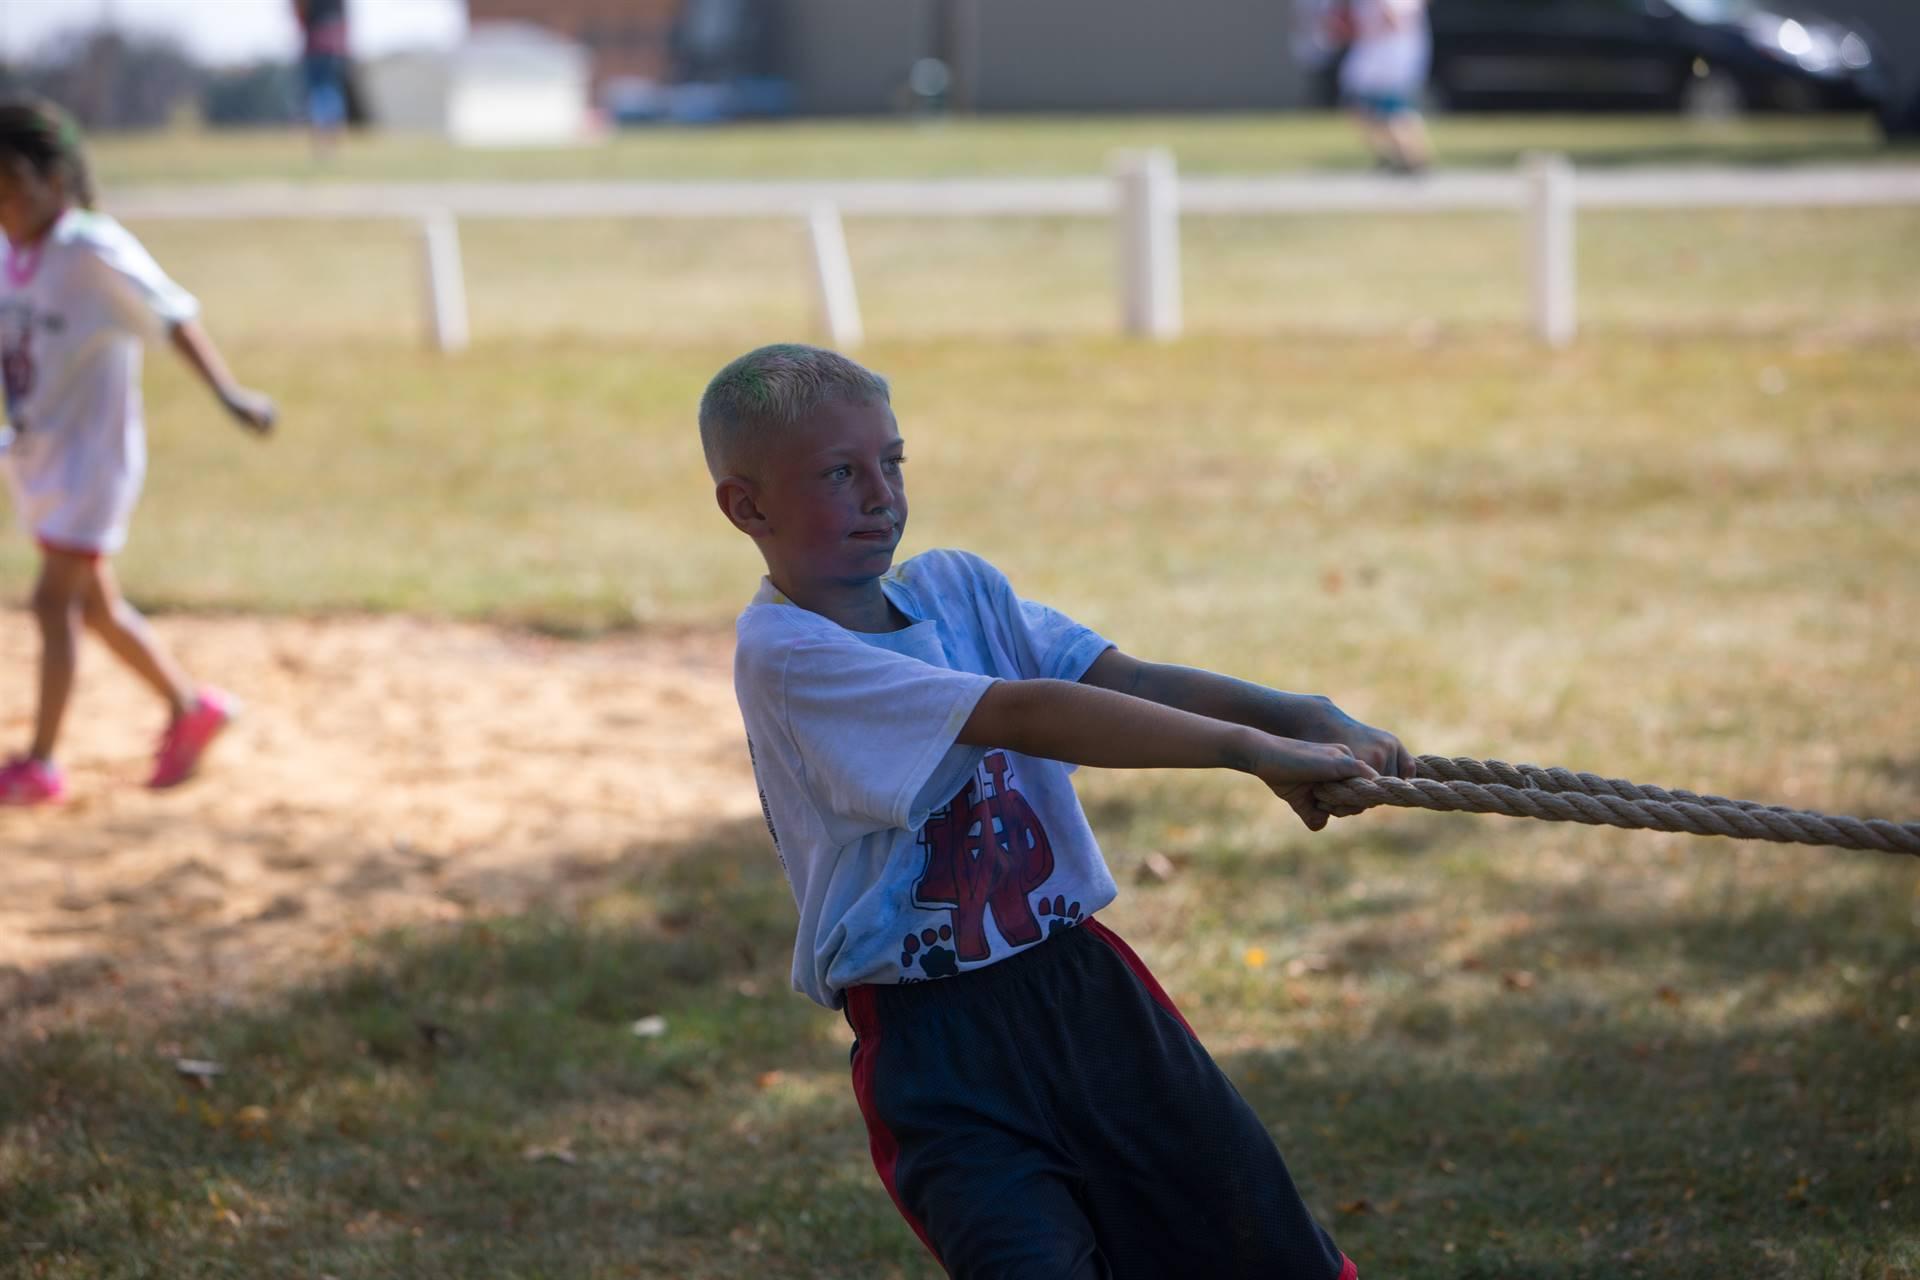 boy 2 at tug of war